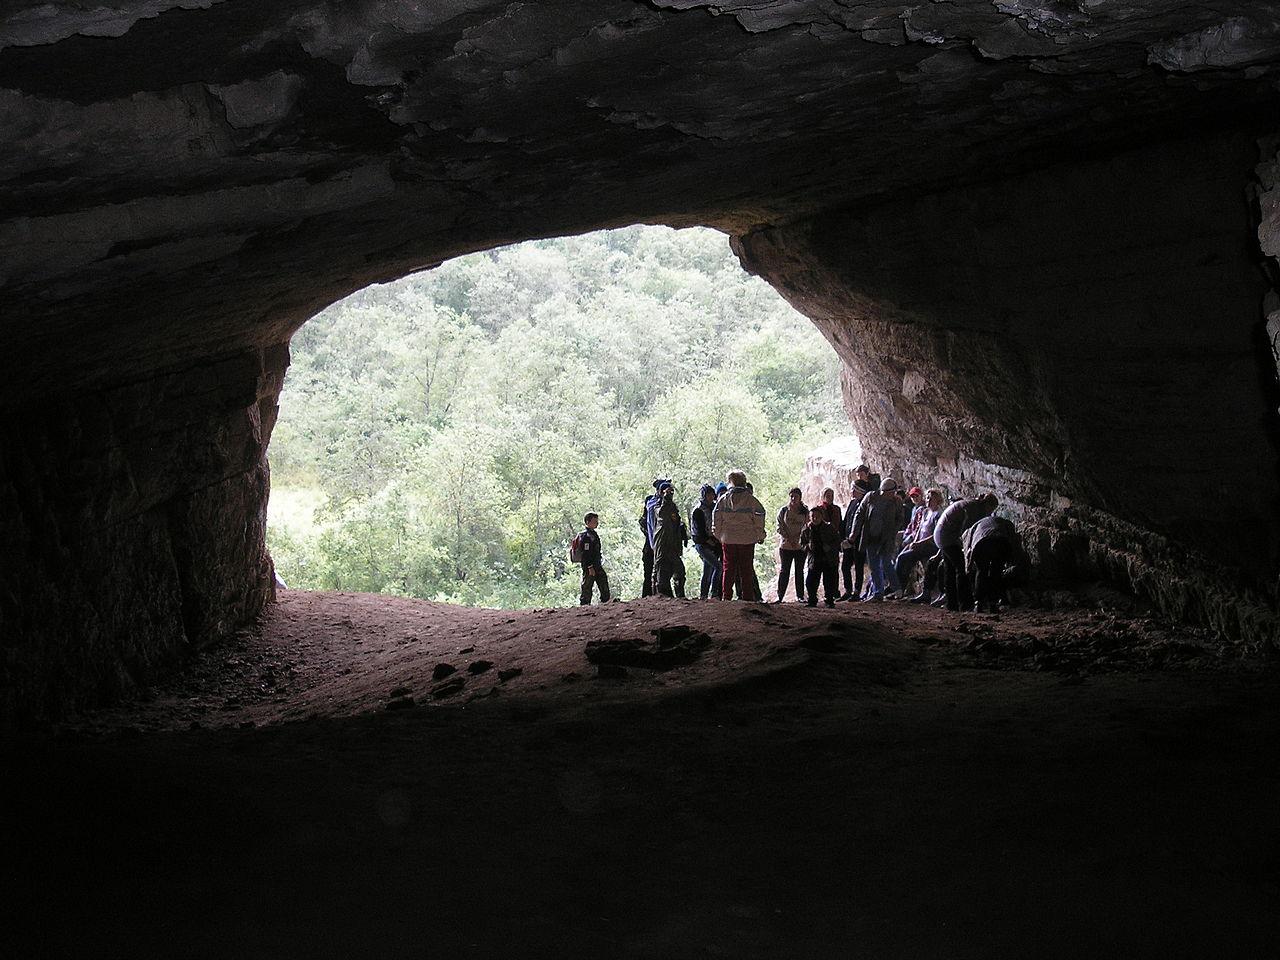 Игнатьевская пещера, у входа